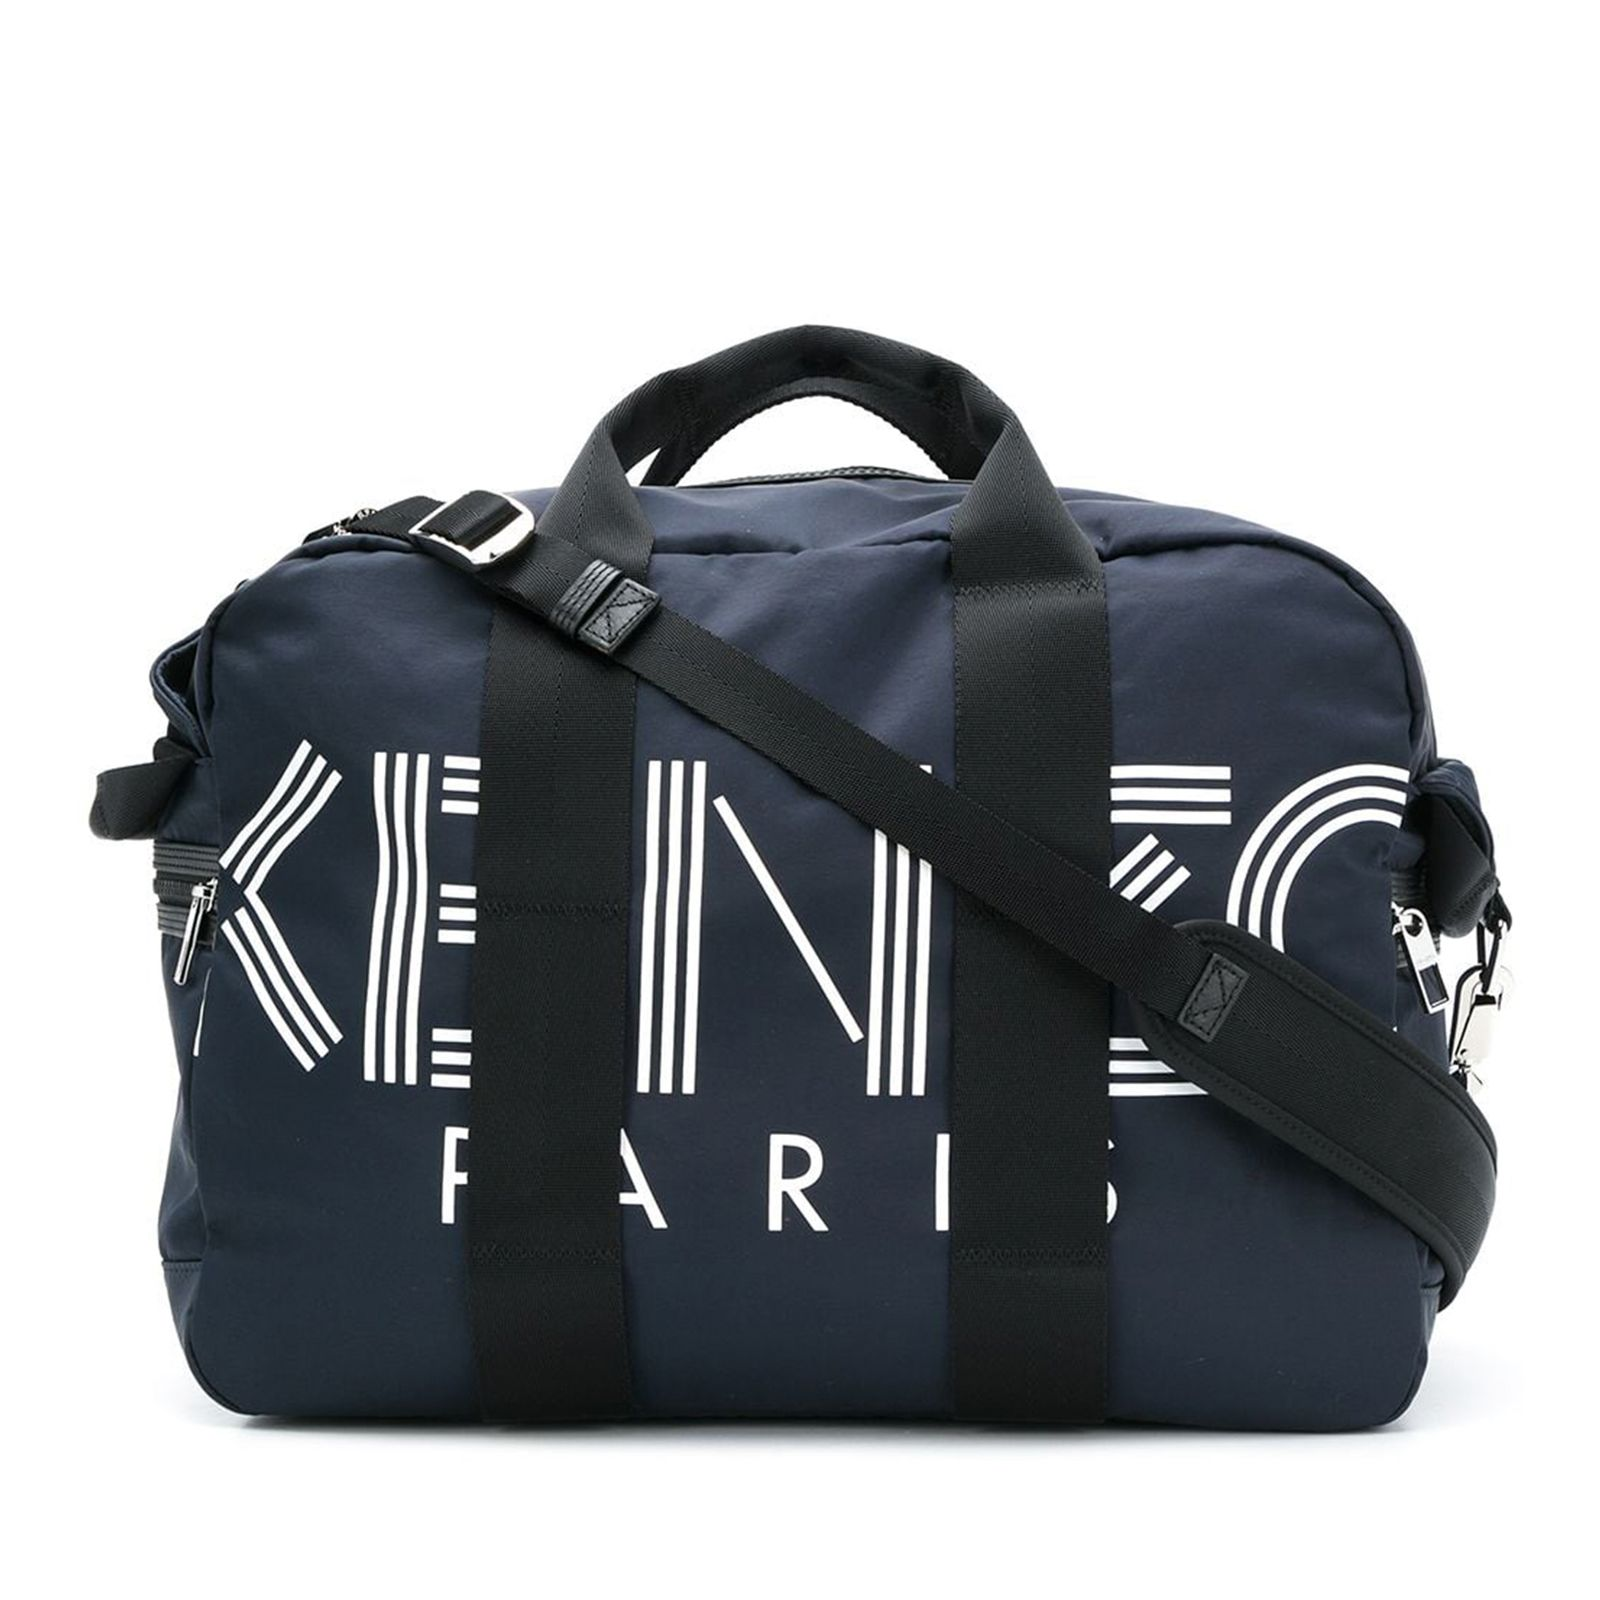 cab9afb44baa2 Torba z logo KENZO – Kup Teraz! Najlepsze ceny i opinie! Sklep Moliera2.com